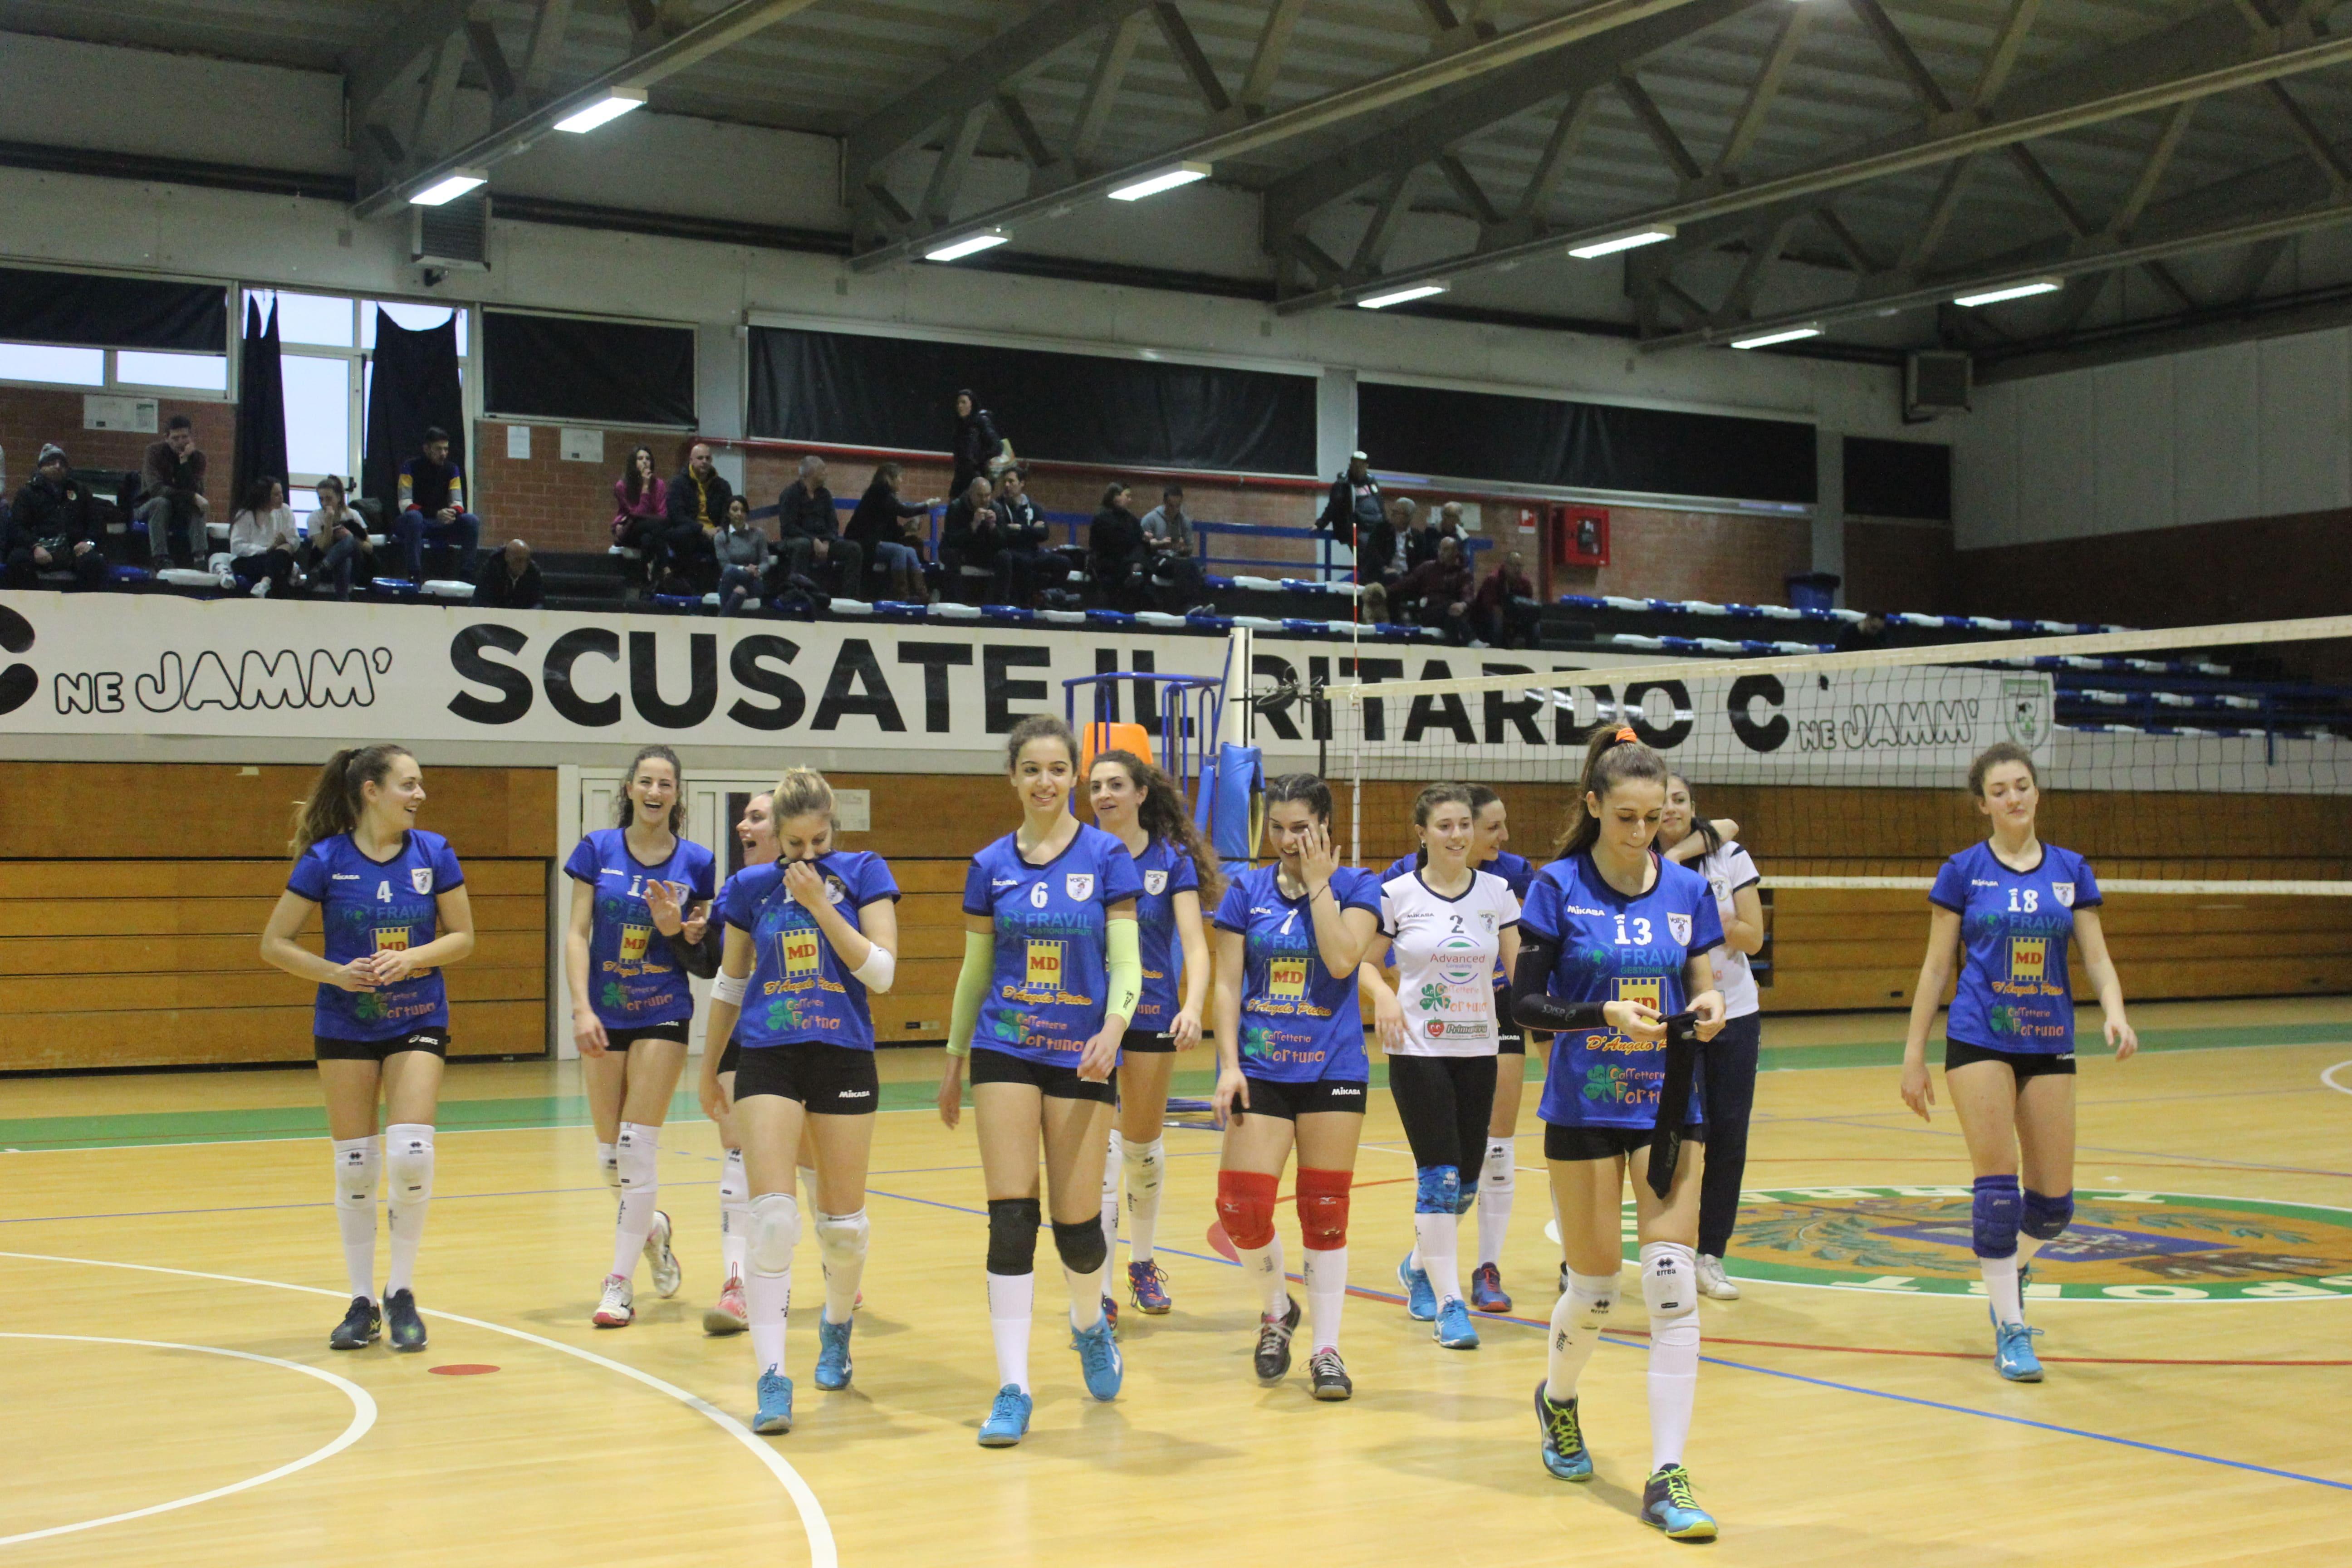 serie-c-regionale-femminile-la-volley-terracina-regola-la-all-volley-e-si-prepara-al-big-match-di-viterbo